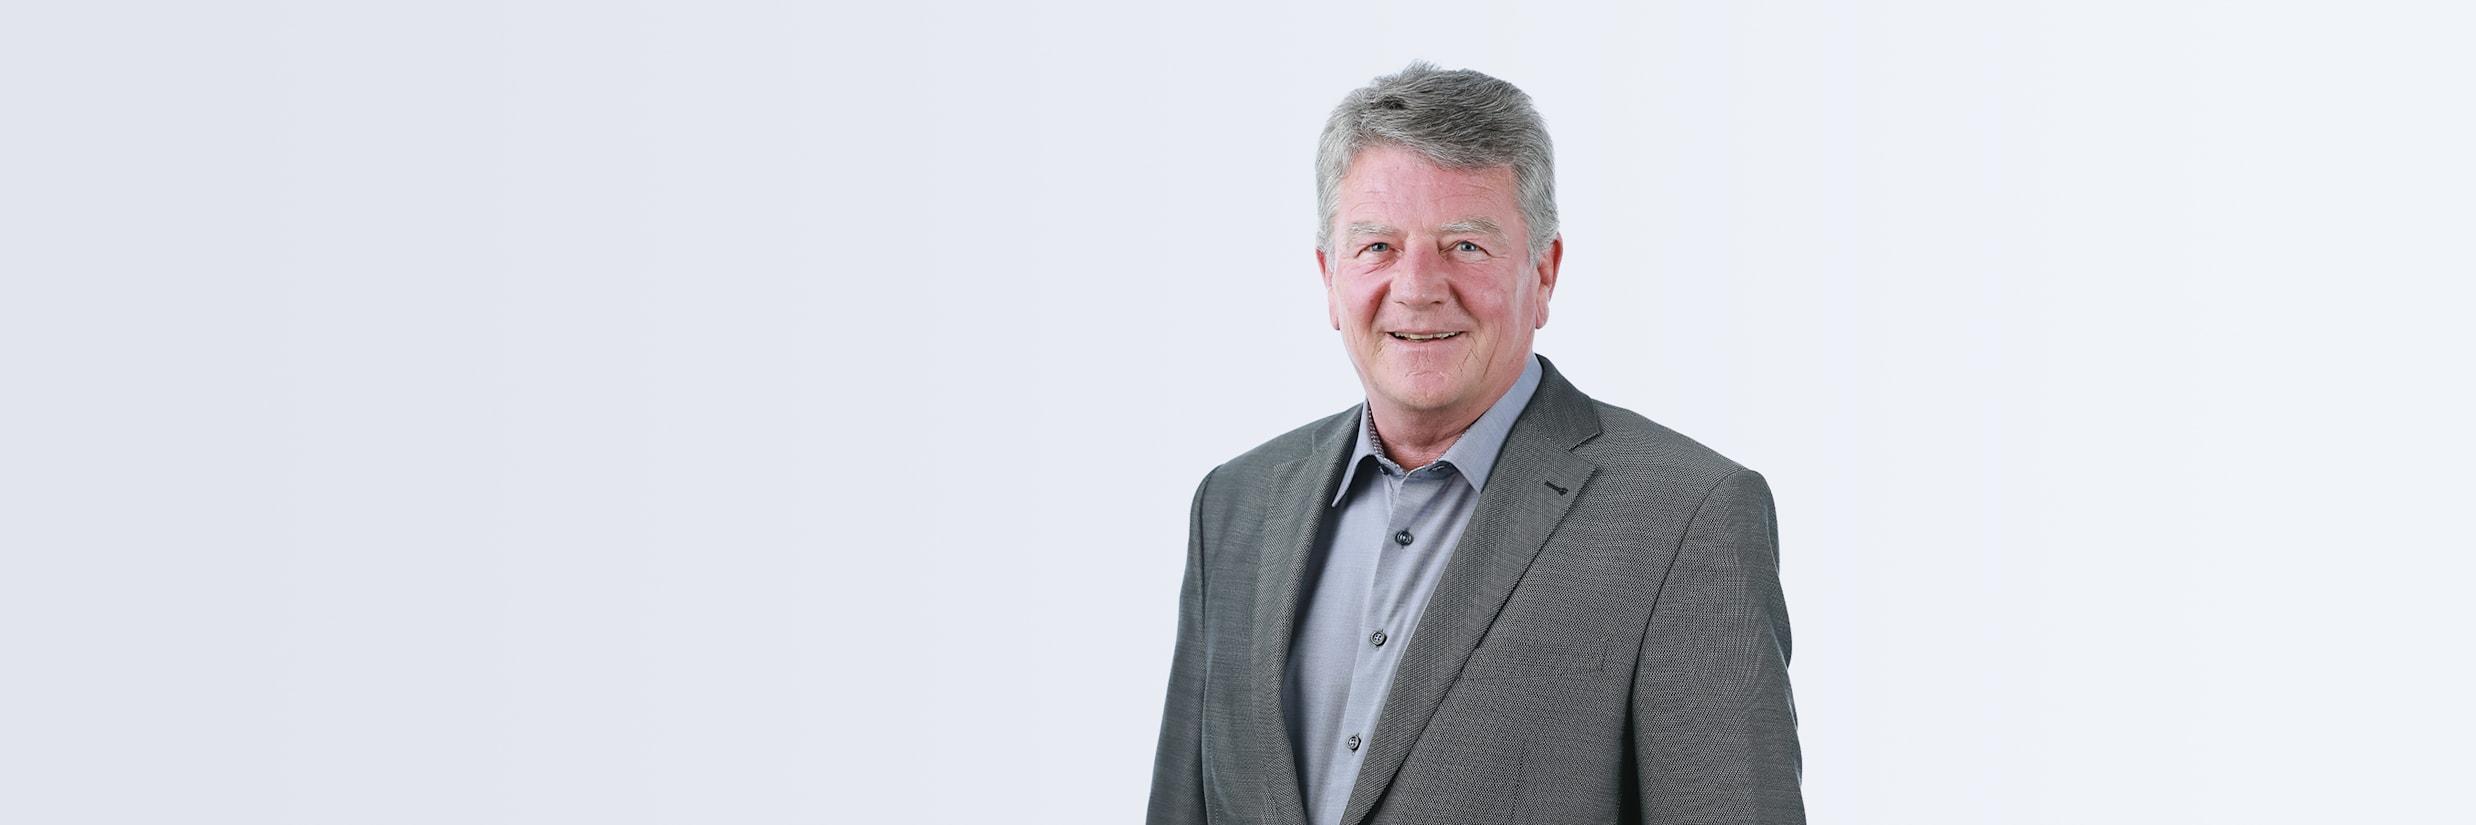 Peter Baumann Jungfraubahnen